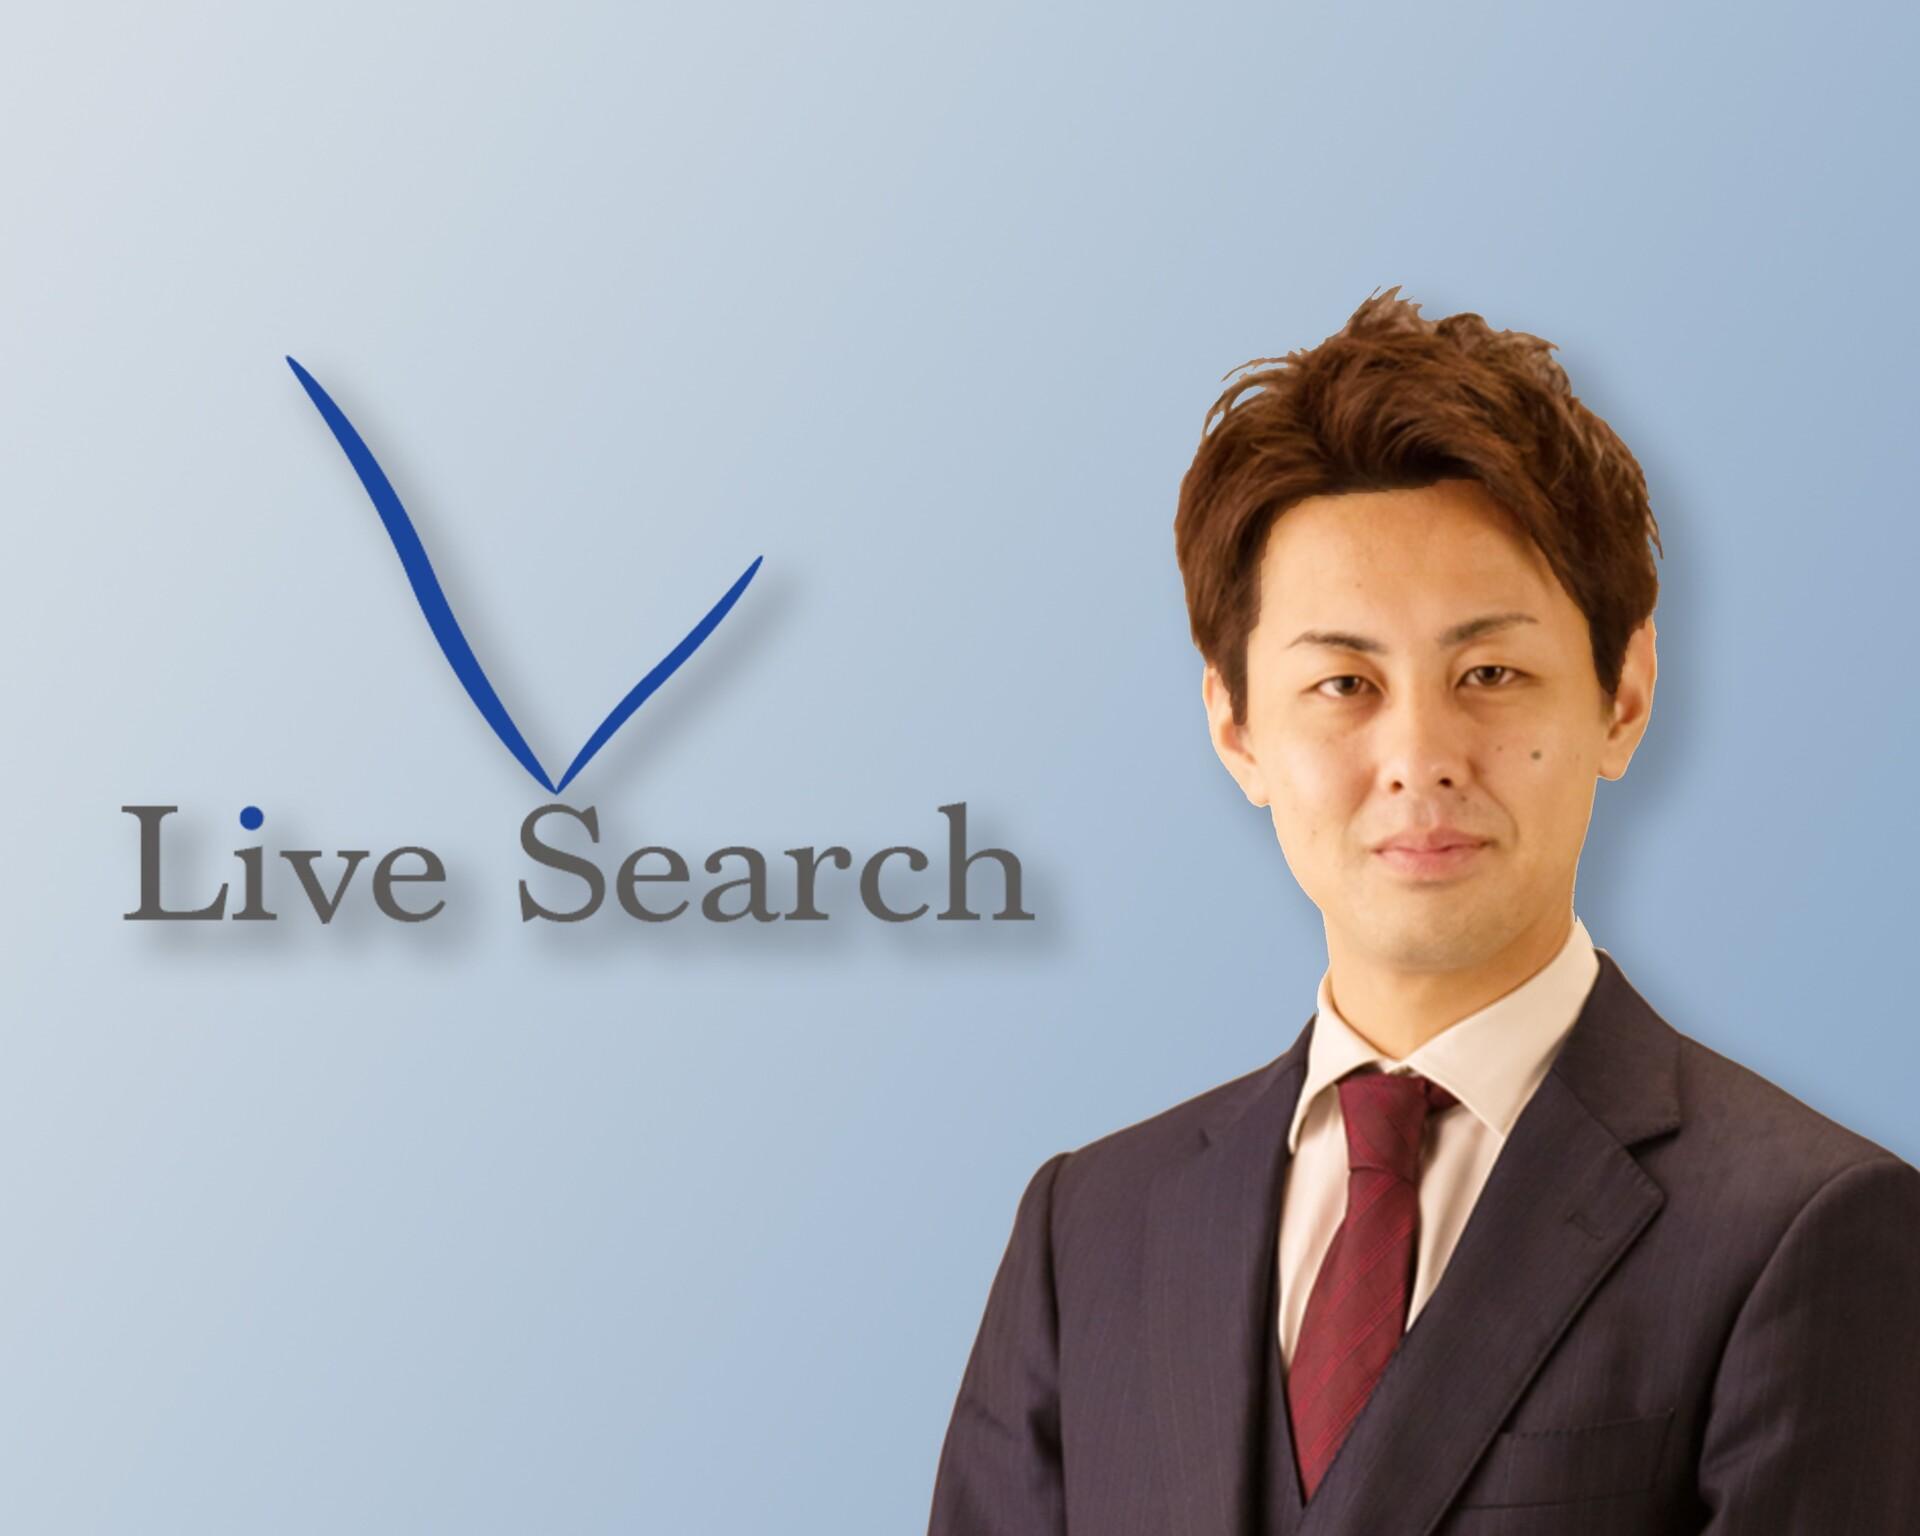 企業研究vol.113 Live Search  福井 隆太郎 社長【トップインタビュー】